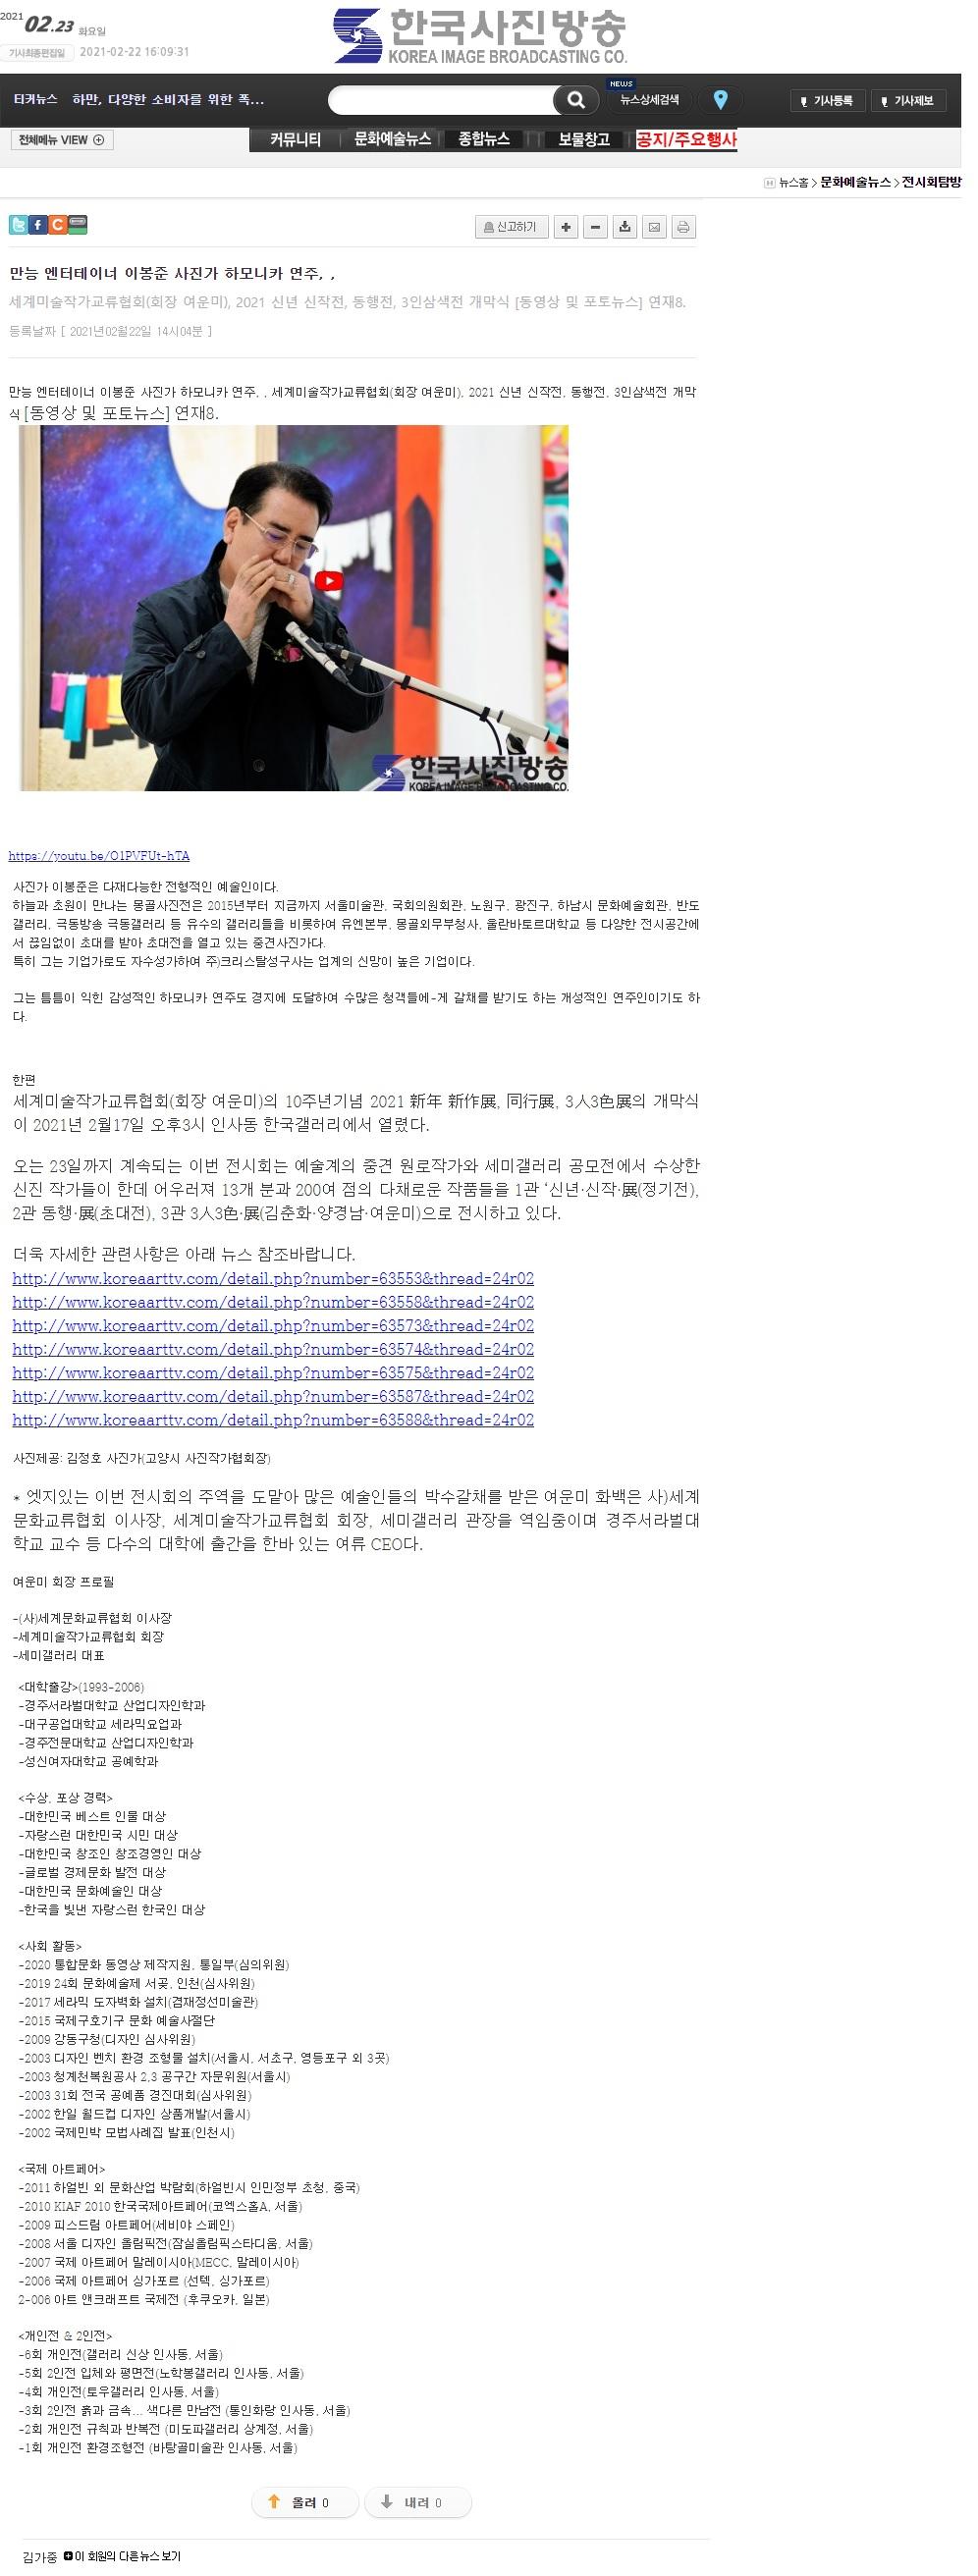 6_한국사진방송_이봉준 작가 축하연주.jpg